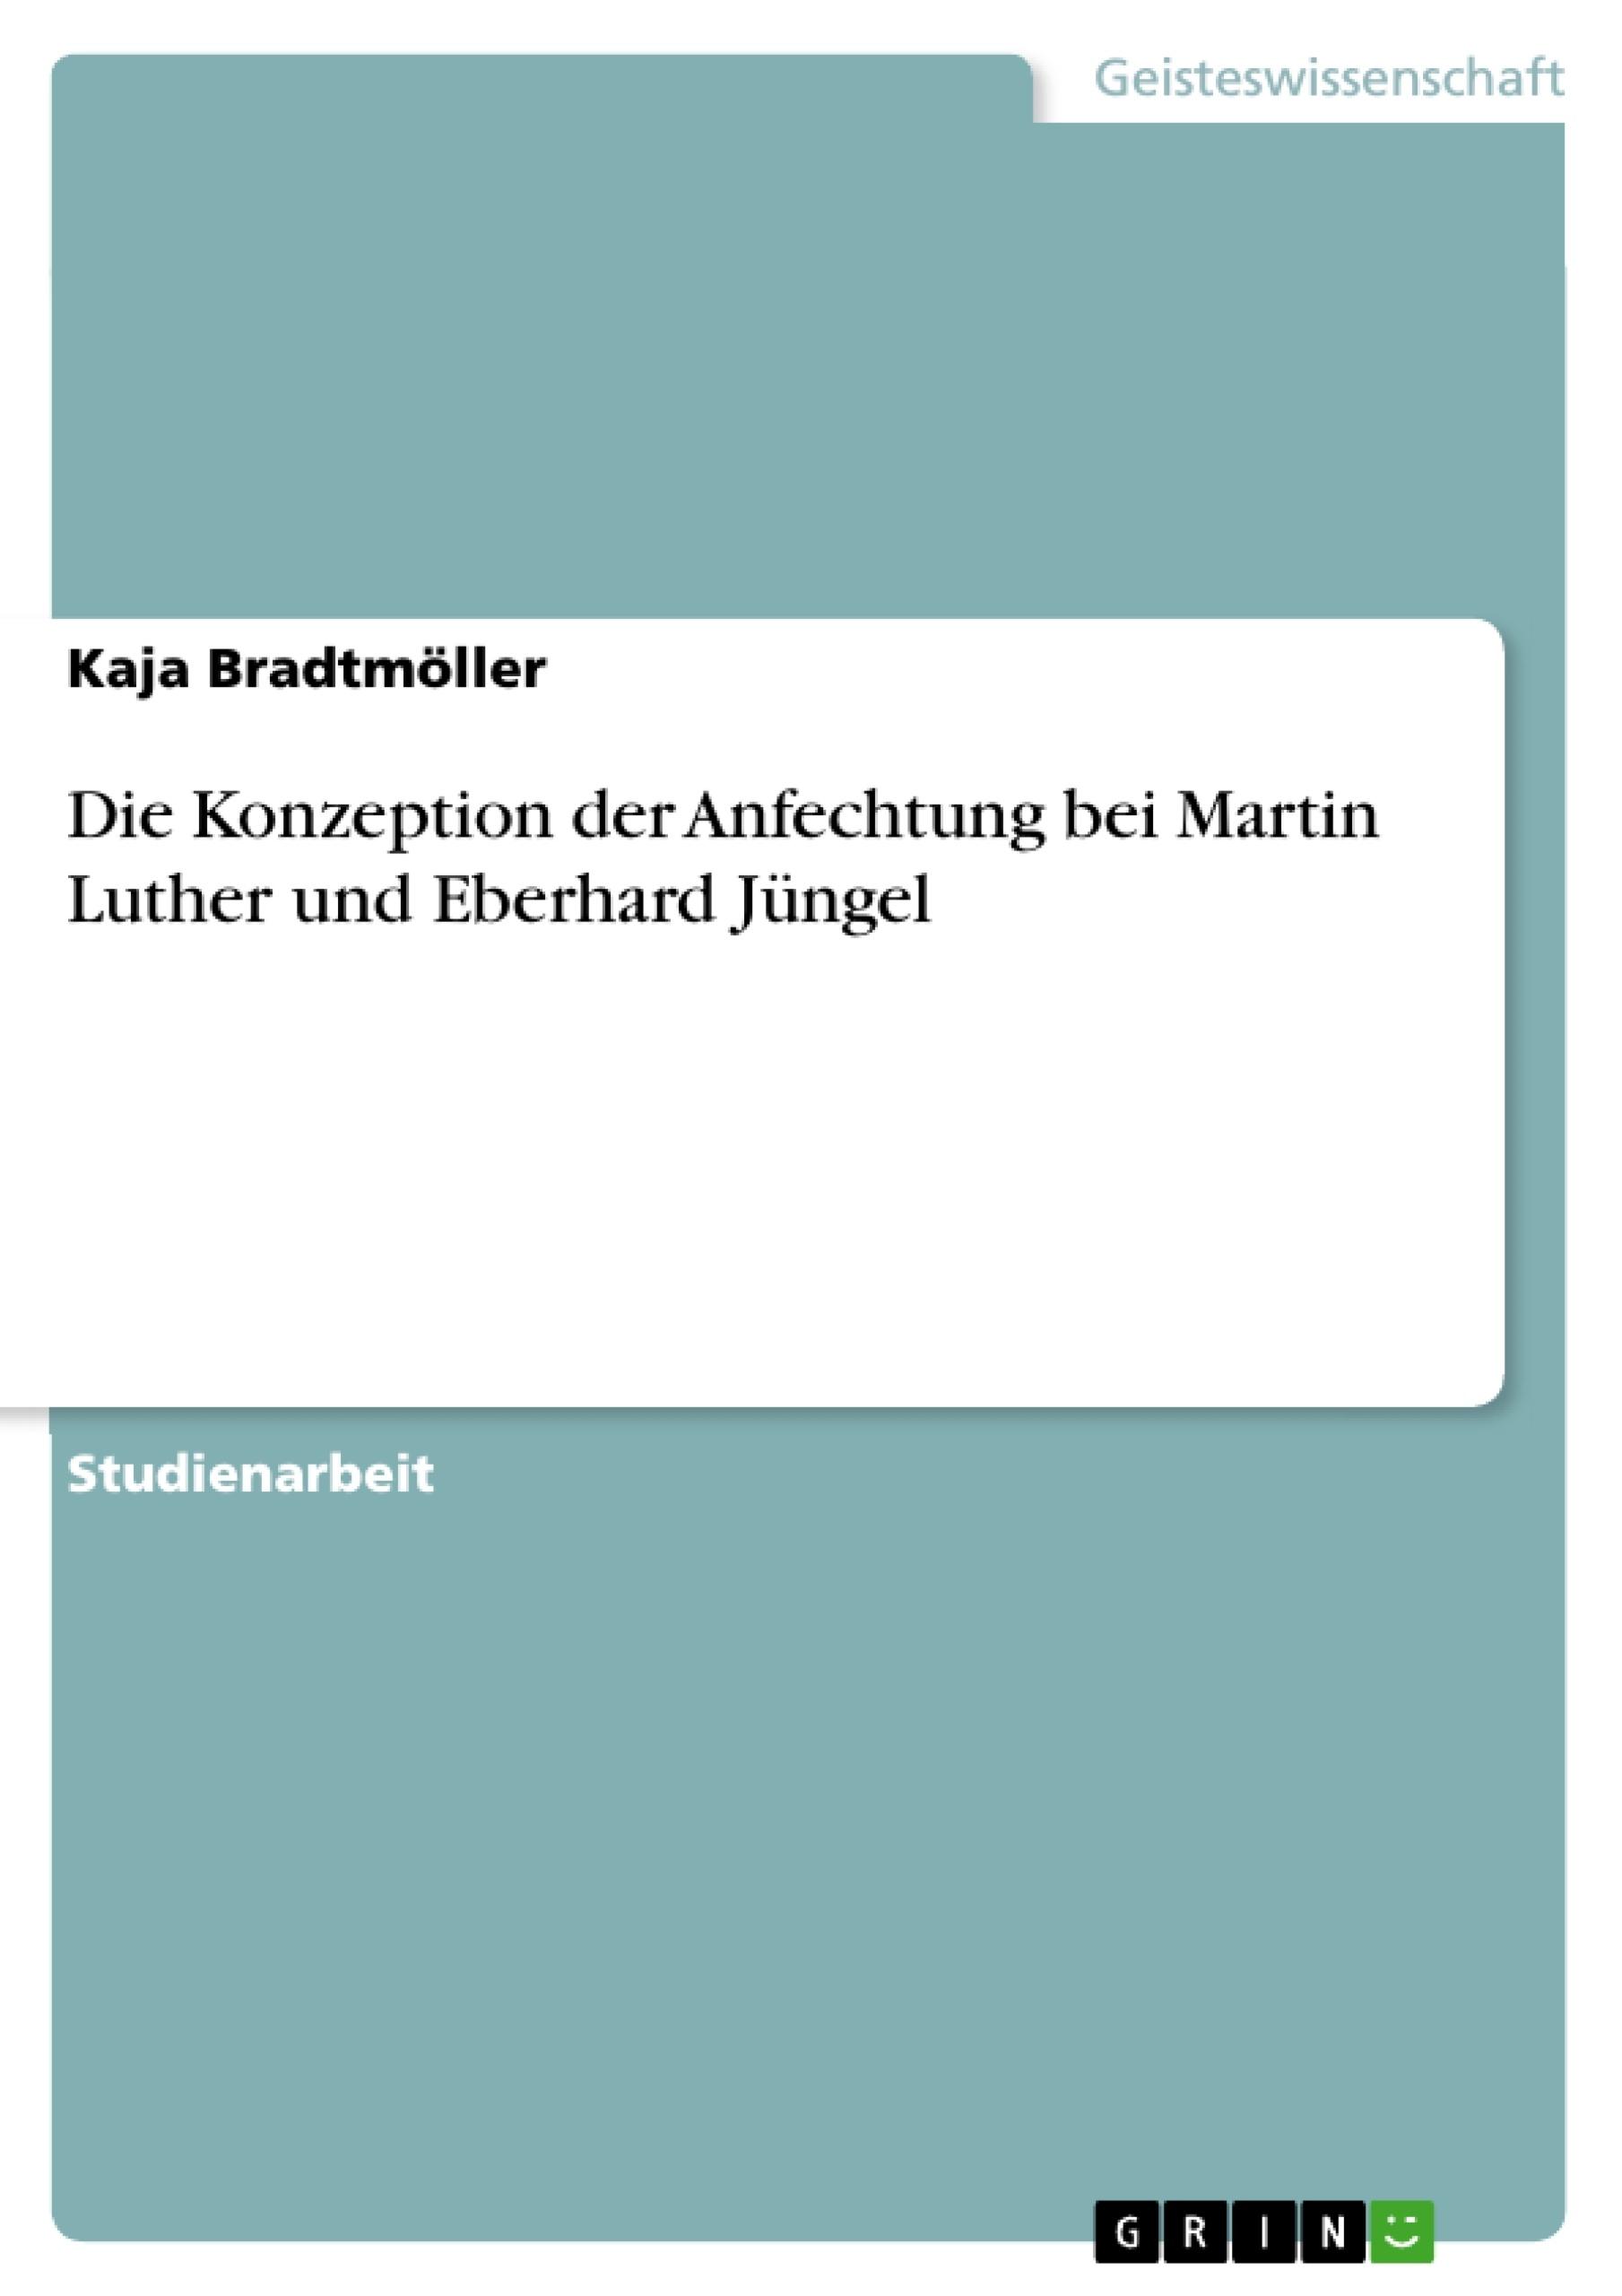 Titel: Die Konzeption der Anfechtung bei Martin Luther und Eberhard Jüngel